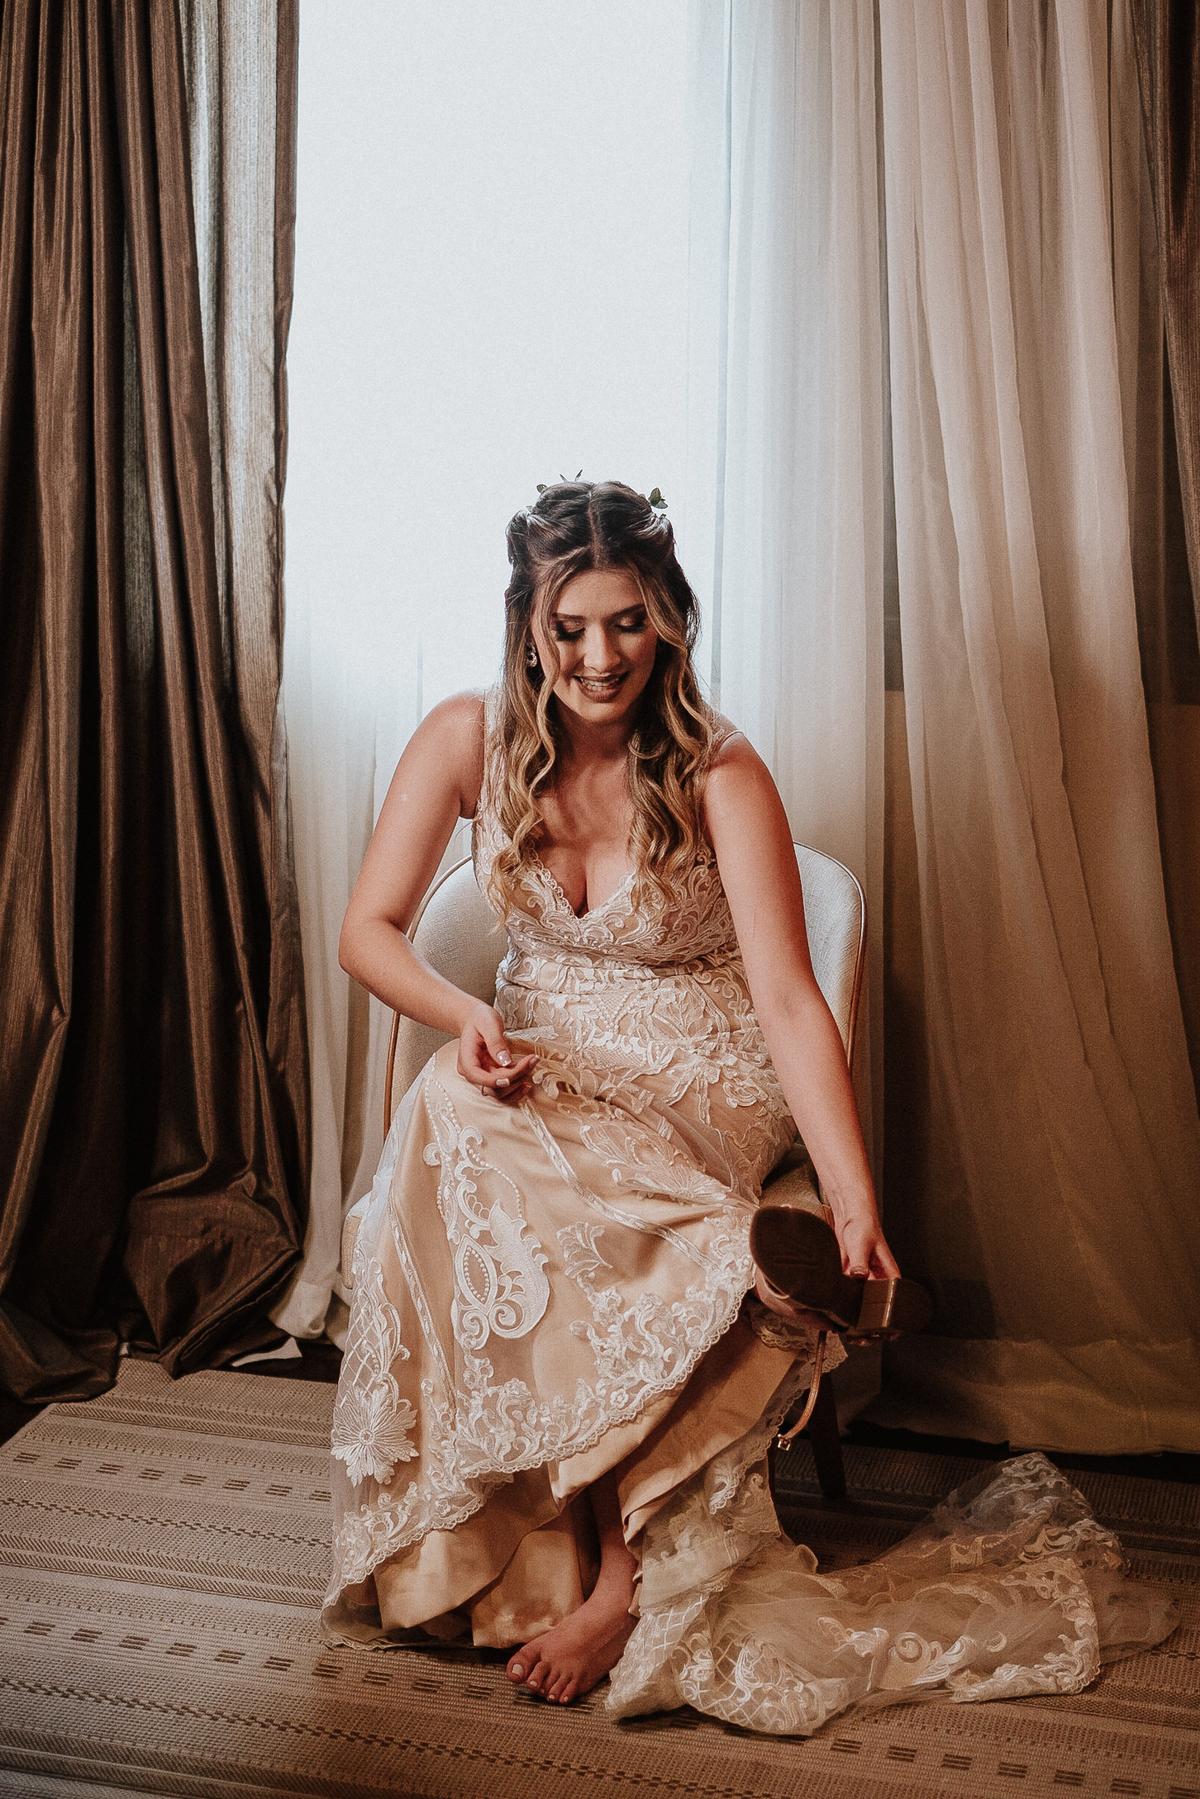 elopement casamentos no campo casar de dia fotografos de casamento vestidos de noiva noiva sorrindo